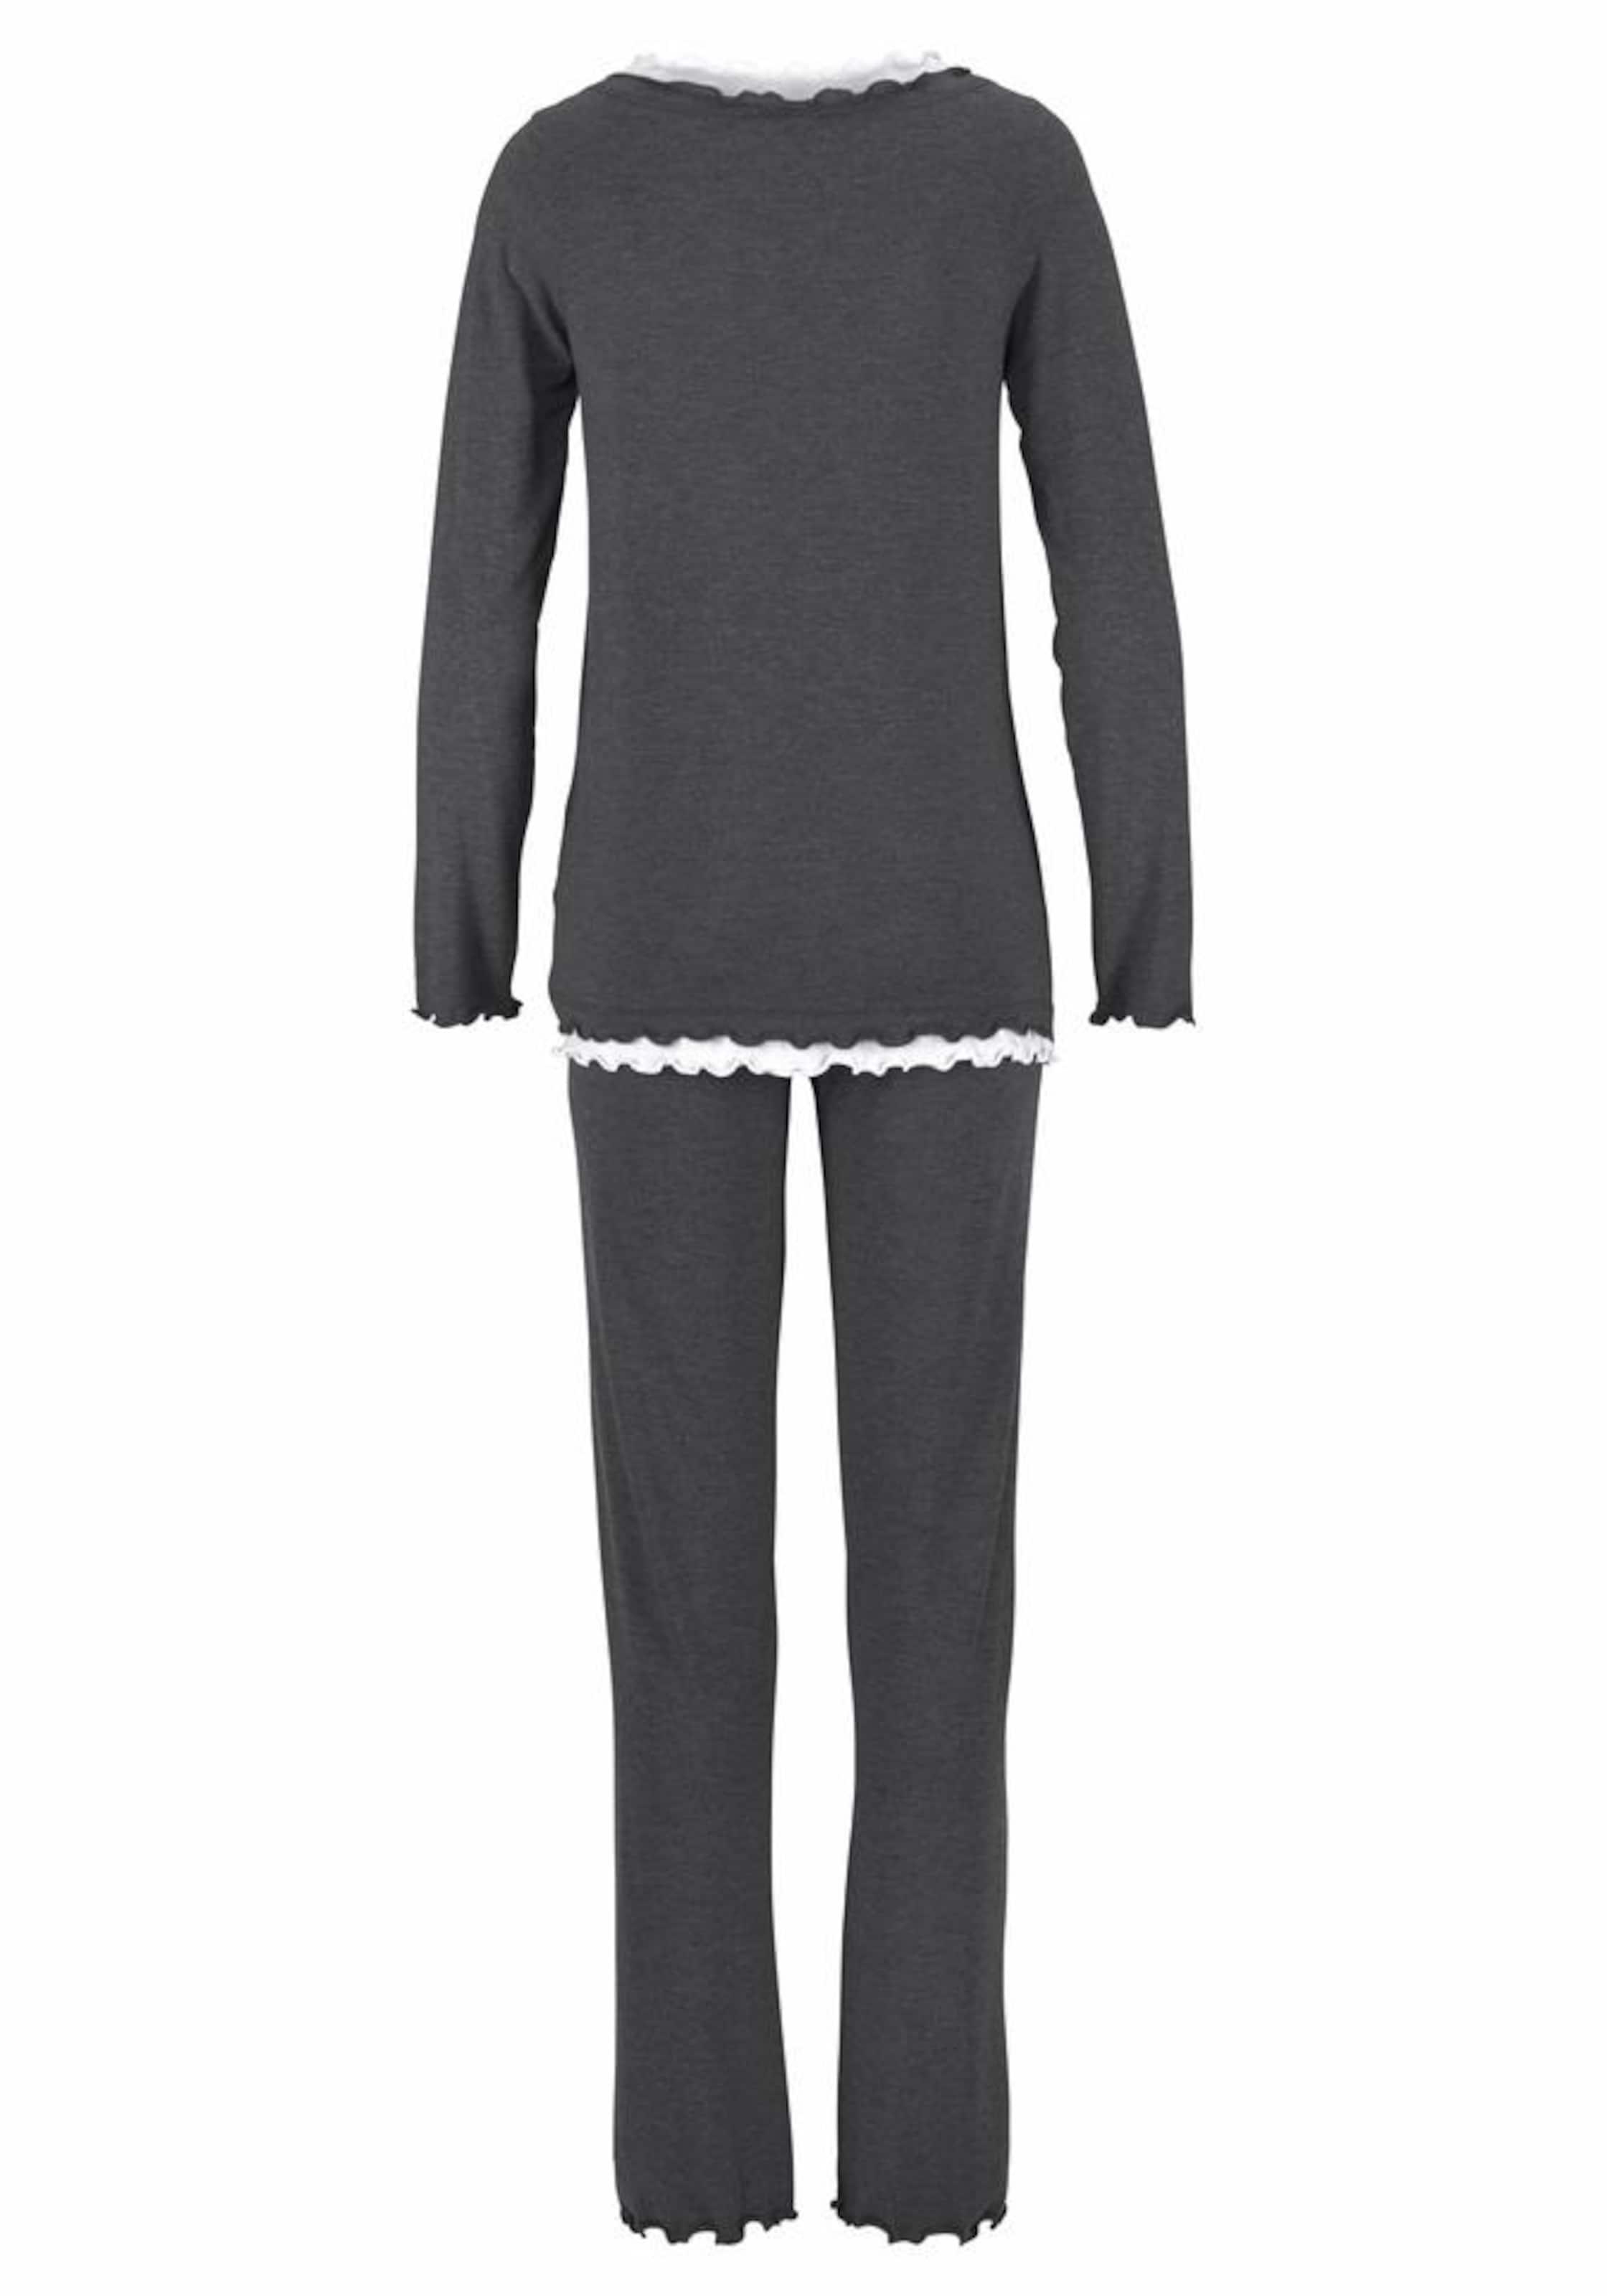 GrauWeiß Lascana Pyjama Lascana Pyjama In OPkNZnw80X